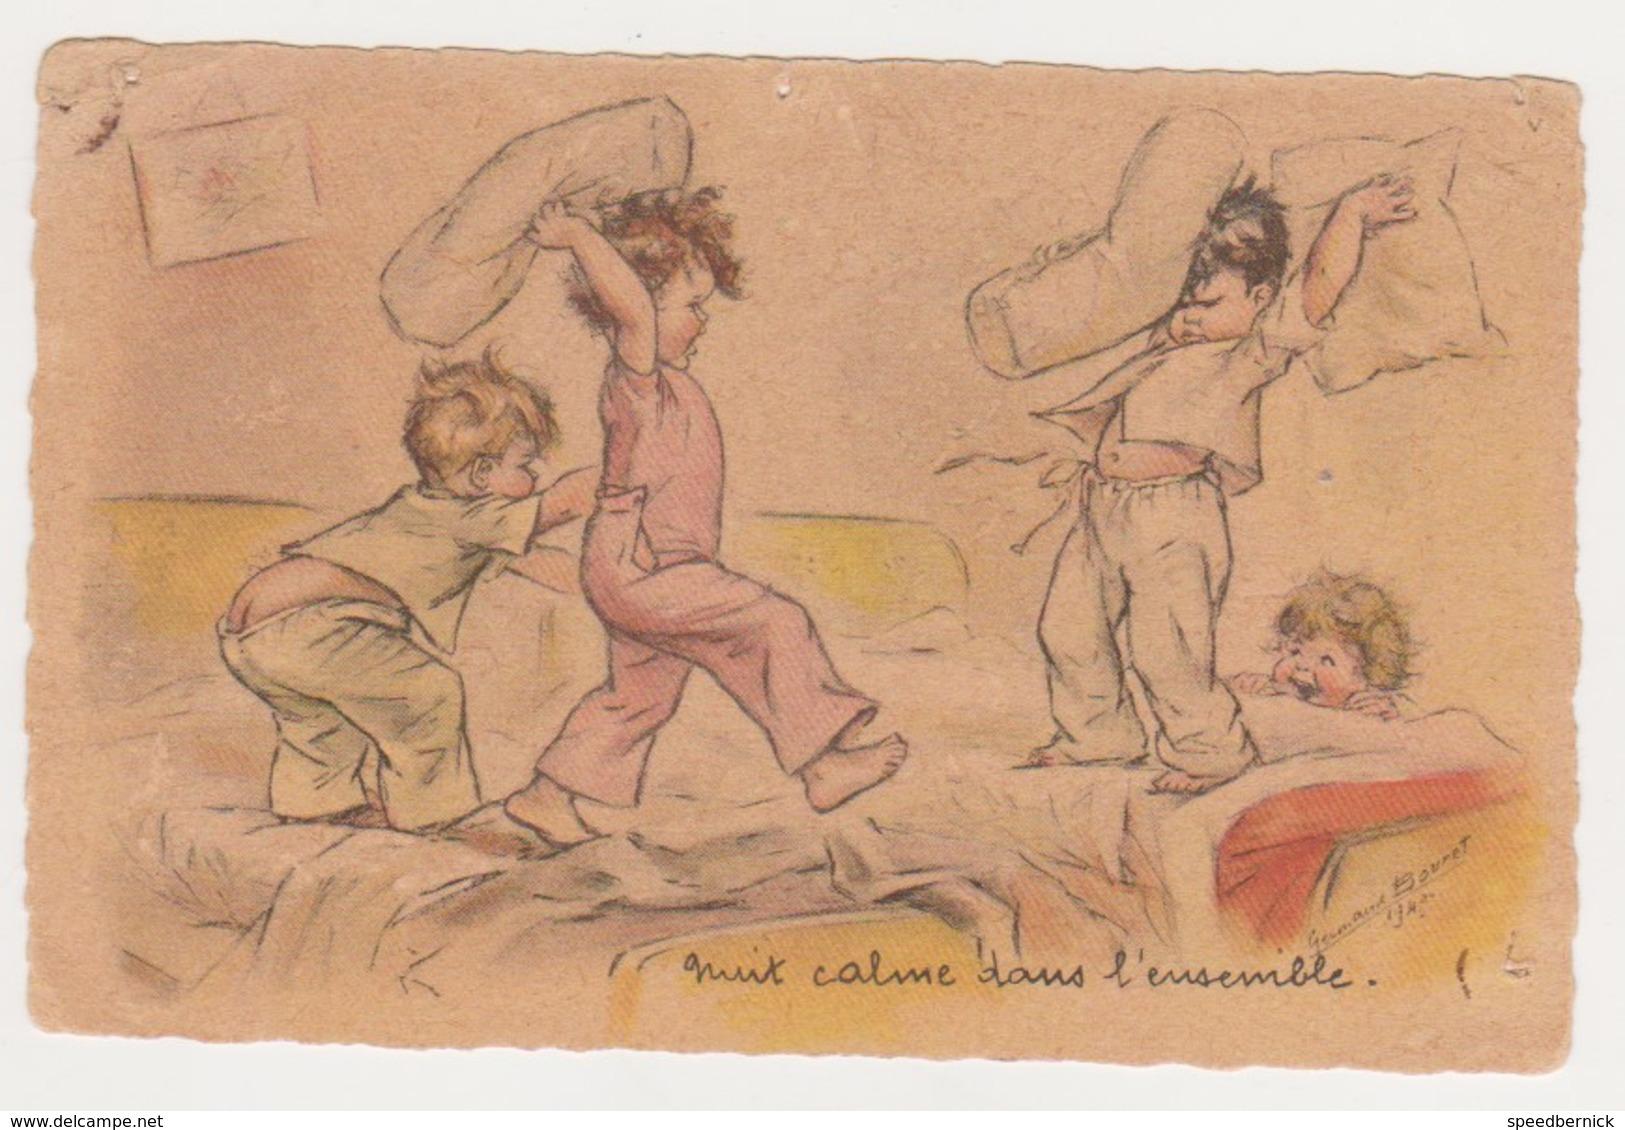 26803 Germaine Bouret 1943 - Nuit Calme Polochon Enfant Bataille ! Attention état ! AEC Paris - Bouret, Germaine